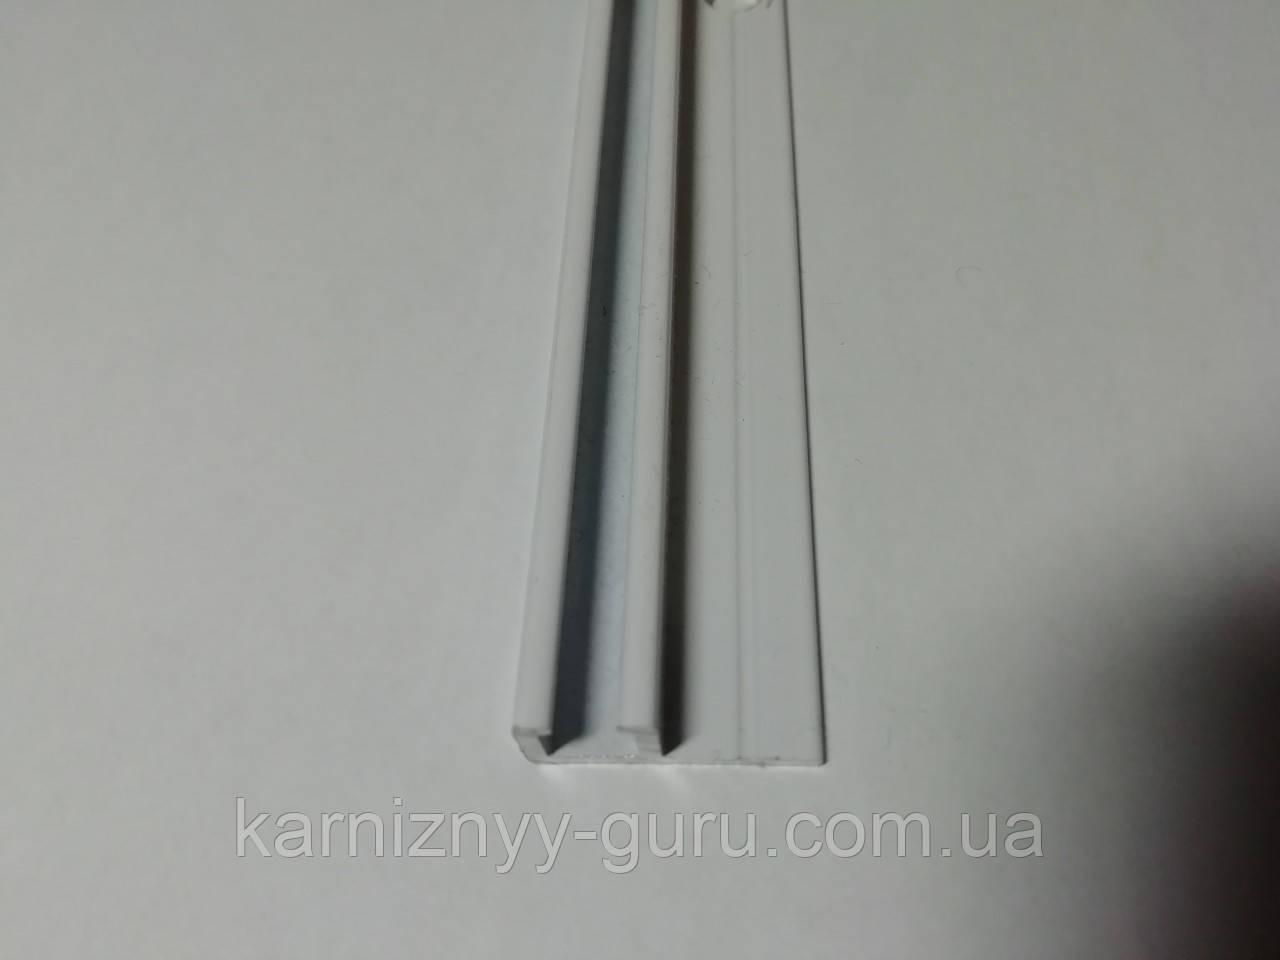 Карниз однорядный алюминиевый